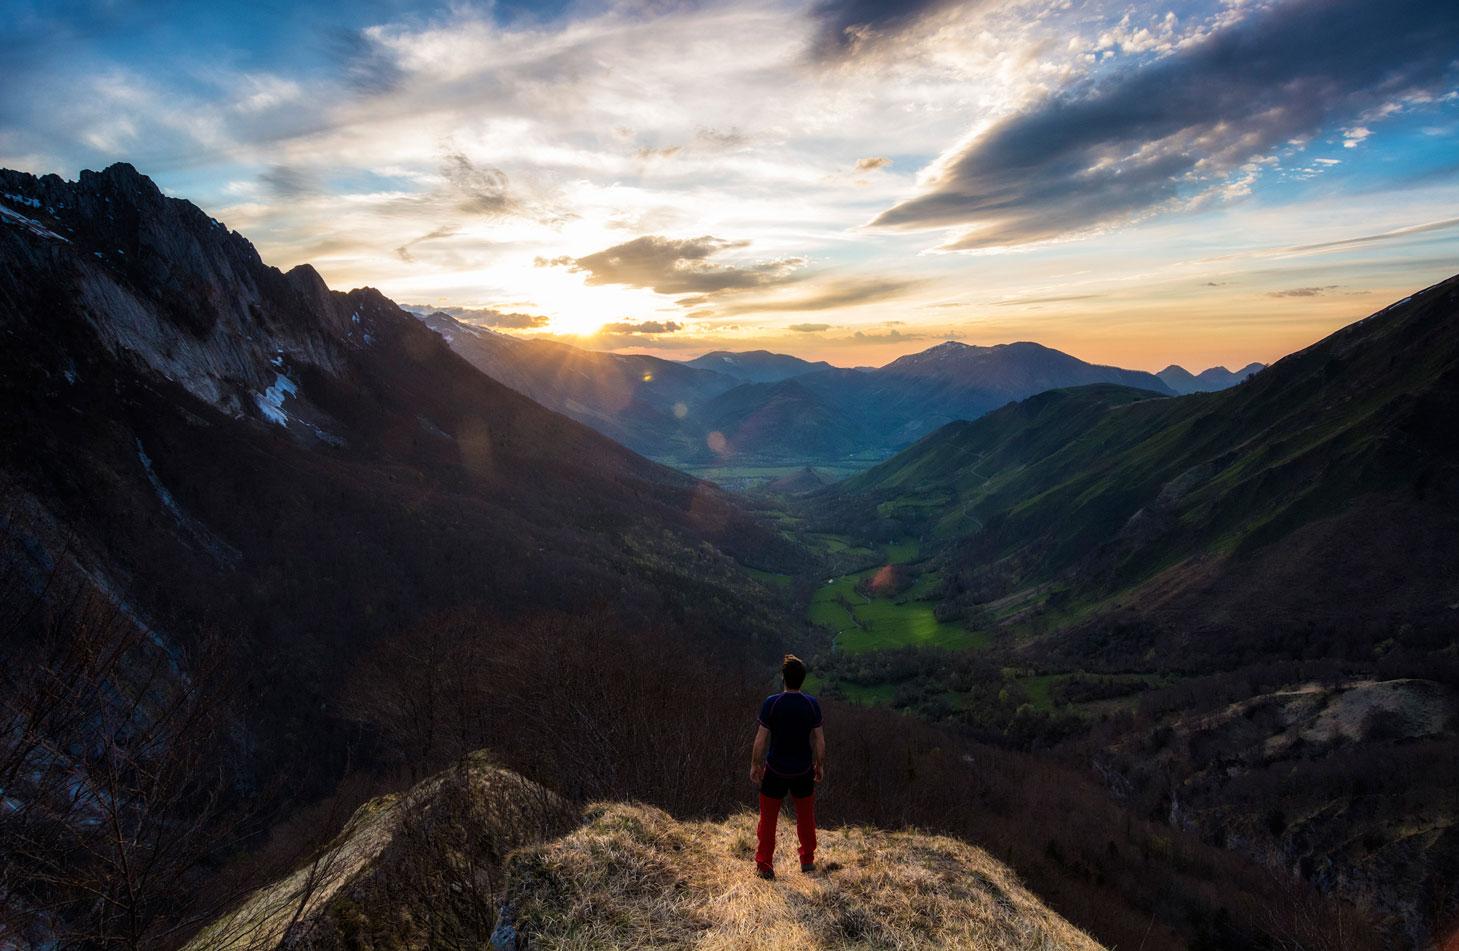 Desde la atalaya - Archivo - Iñaki Larrea, Fotografía de naturaleza y montaña